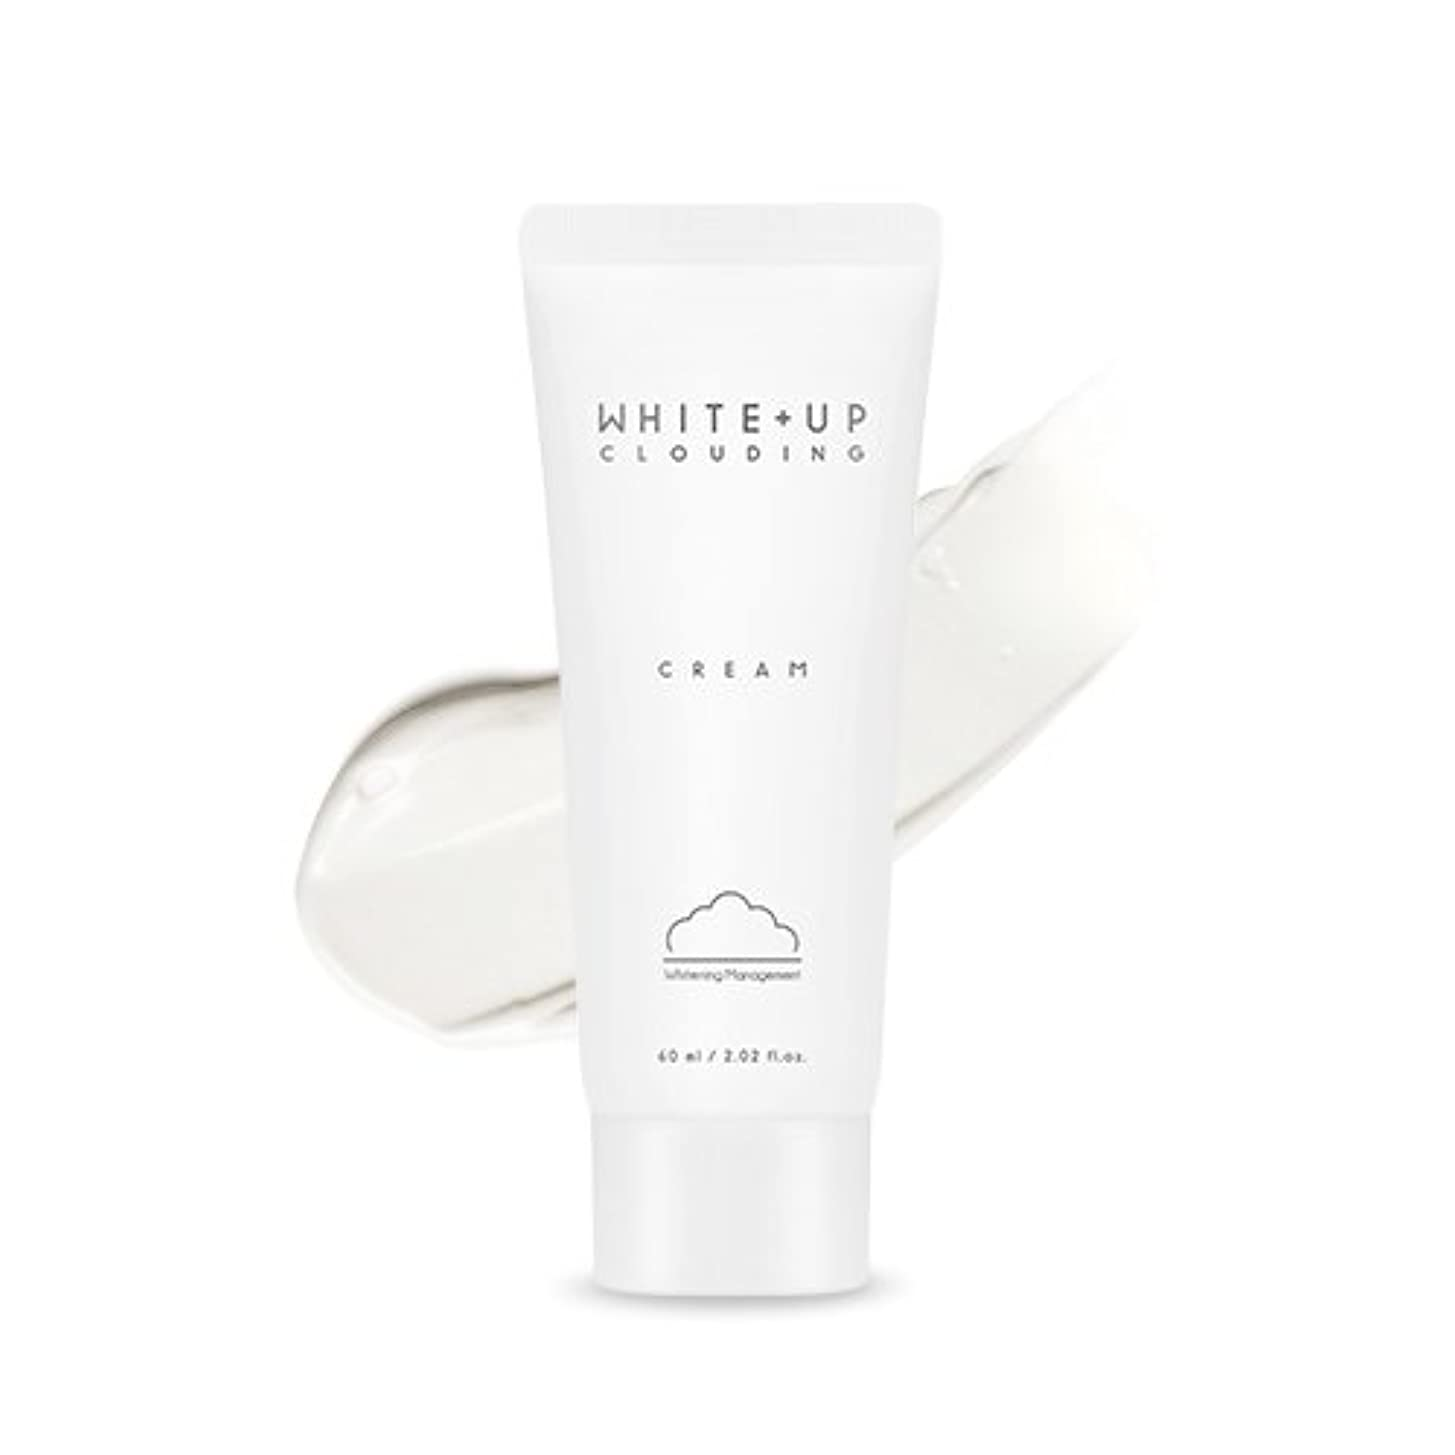 アラスカアジテーション肘掛け椅子APIEU (WHITE+UP) Clouding Cream/アピュ ホワイトアップクラウドディングクリーム 60ml [並行輸入品]